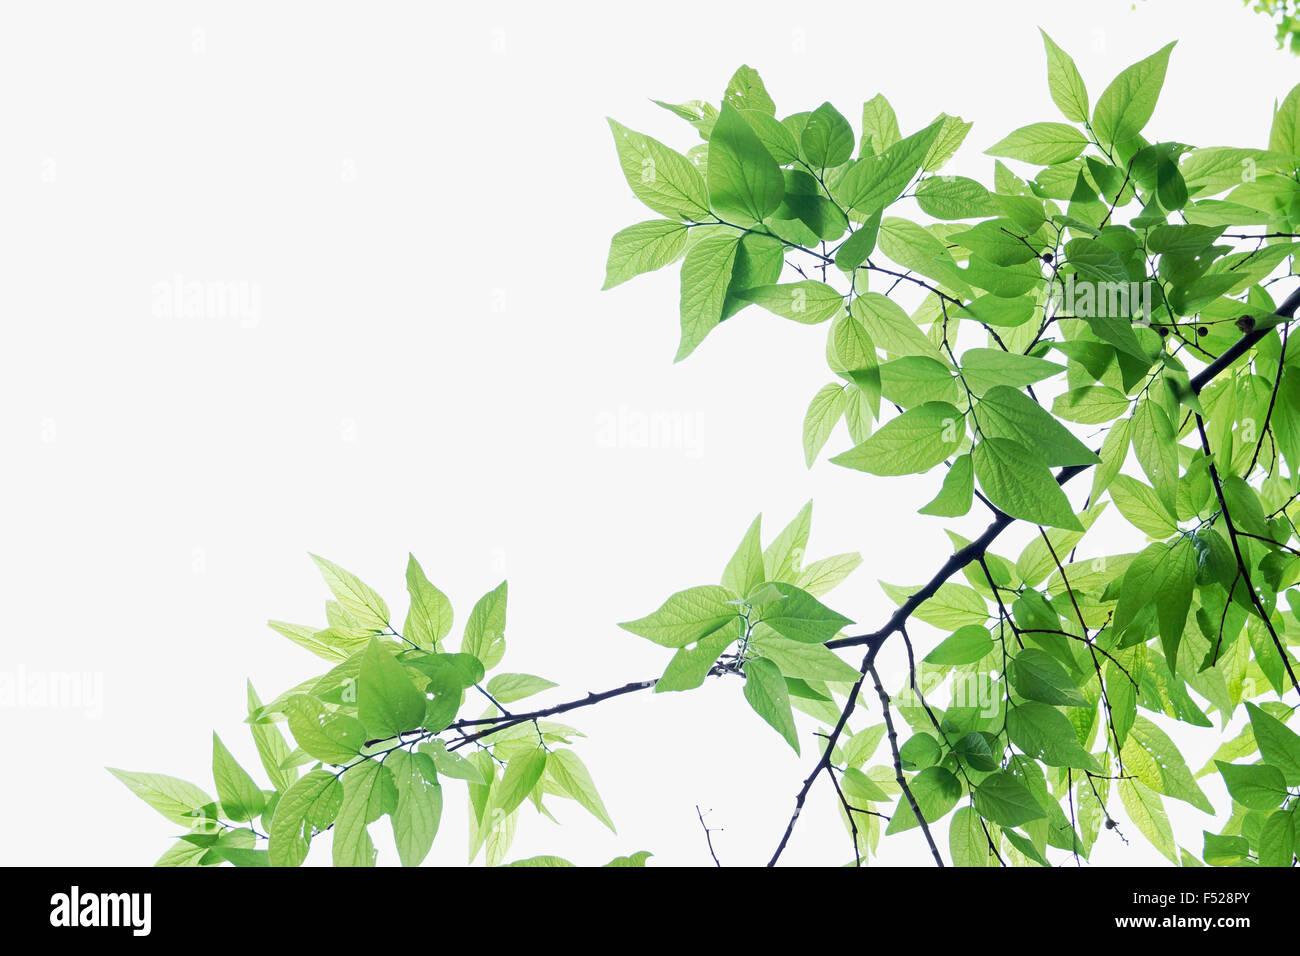 Lebendige grüne Blätter auf einem weißen Himmelshintergrund Stockfoto